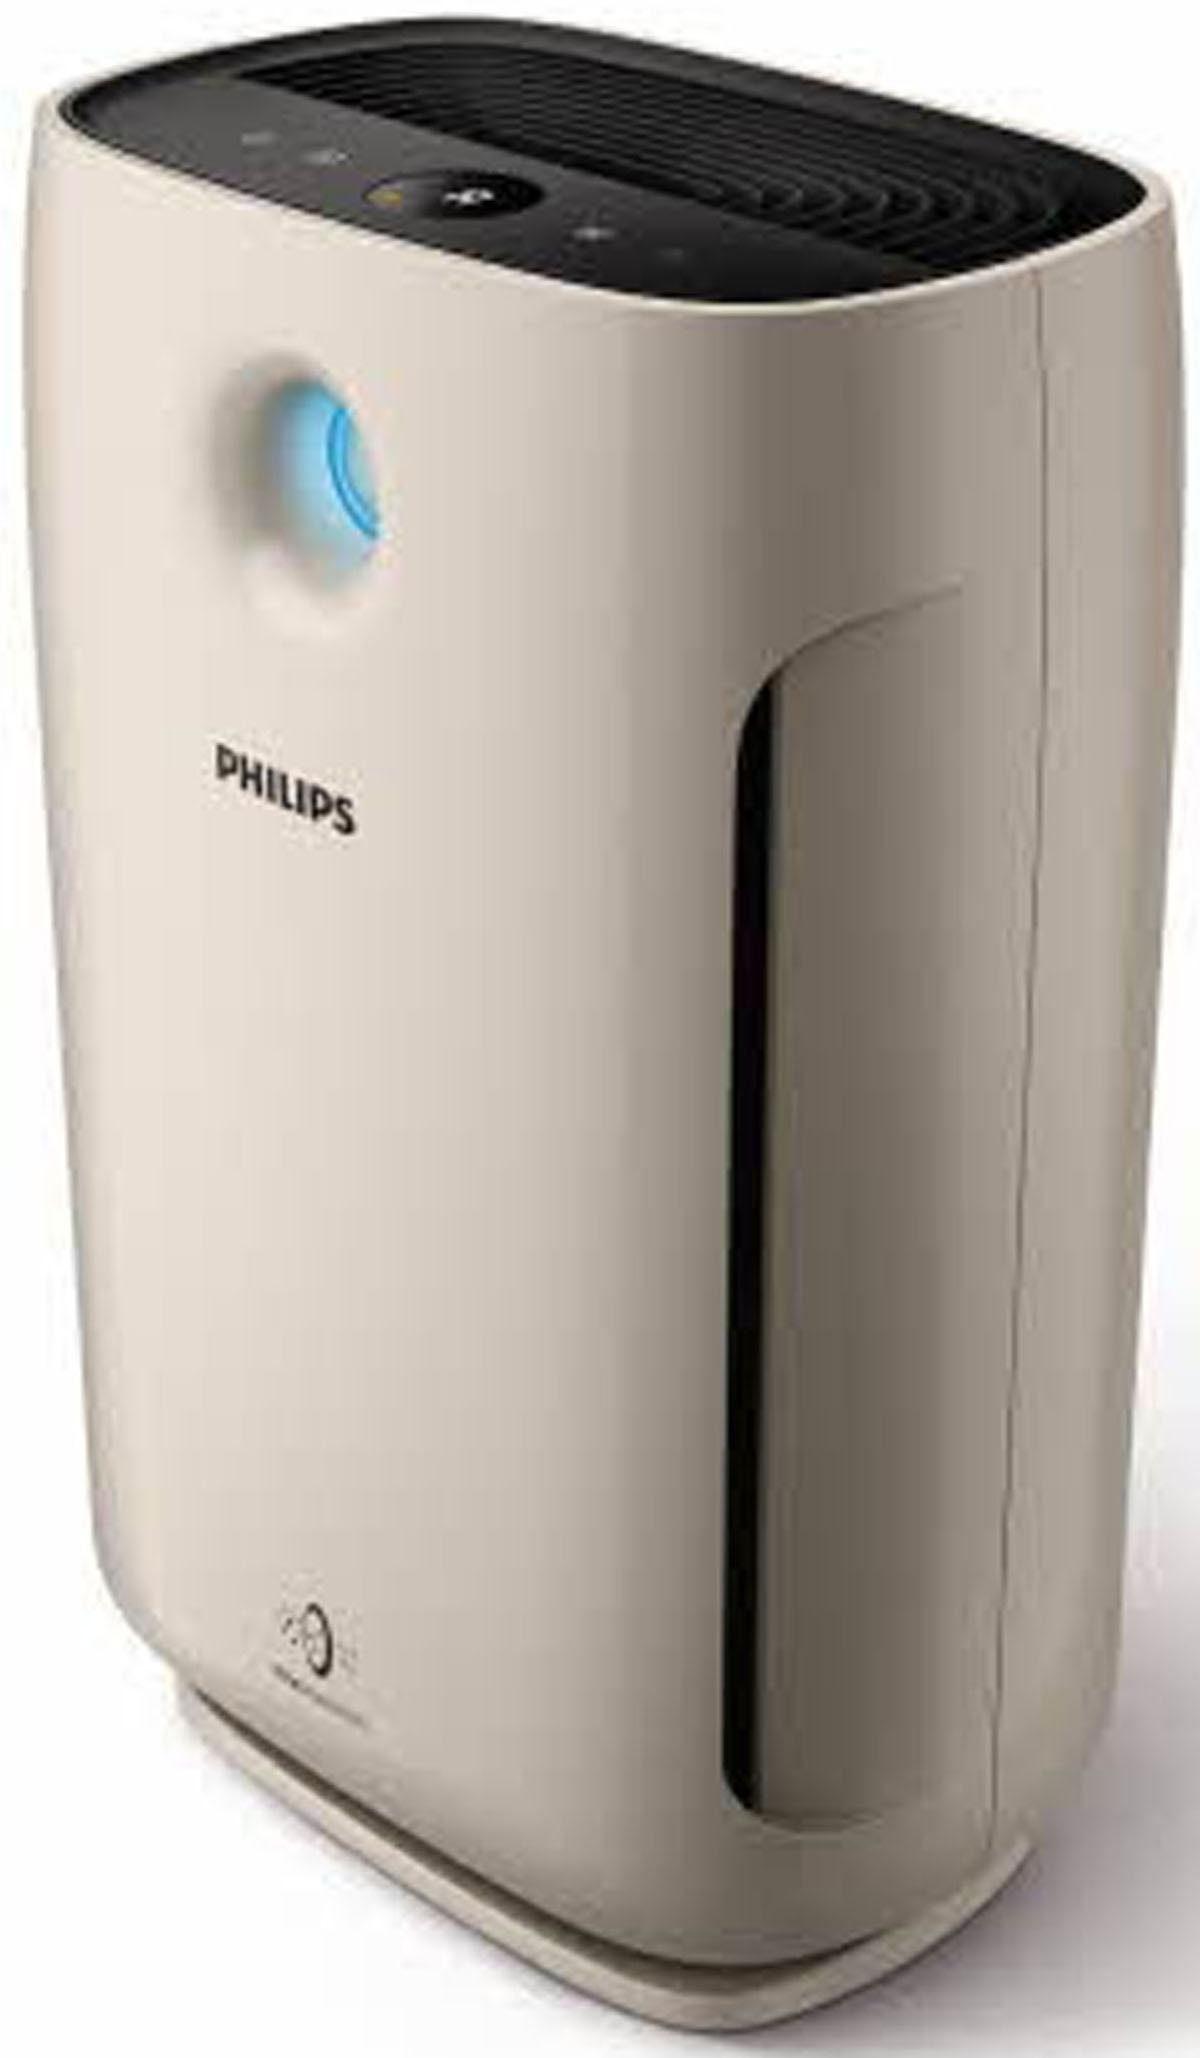 Philips Luftreiniger Series 2000 AC2882/10 bis 79 m² Raumgröße, Allergiemodus, beige-schwarz